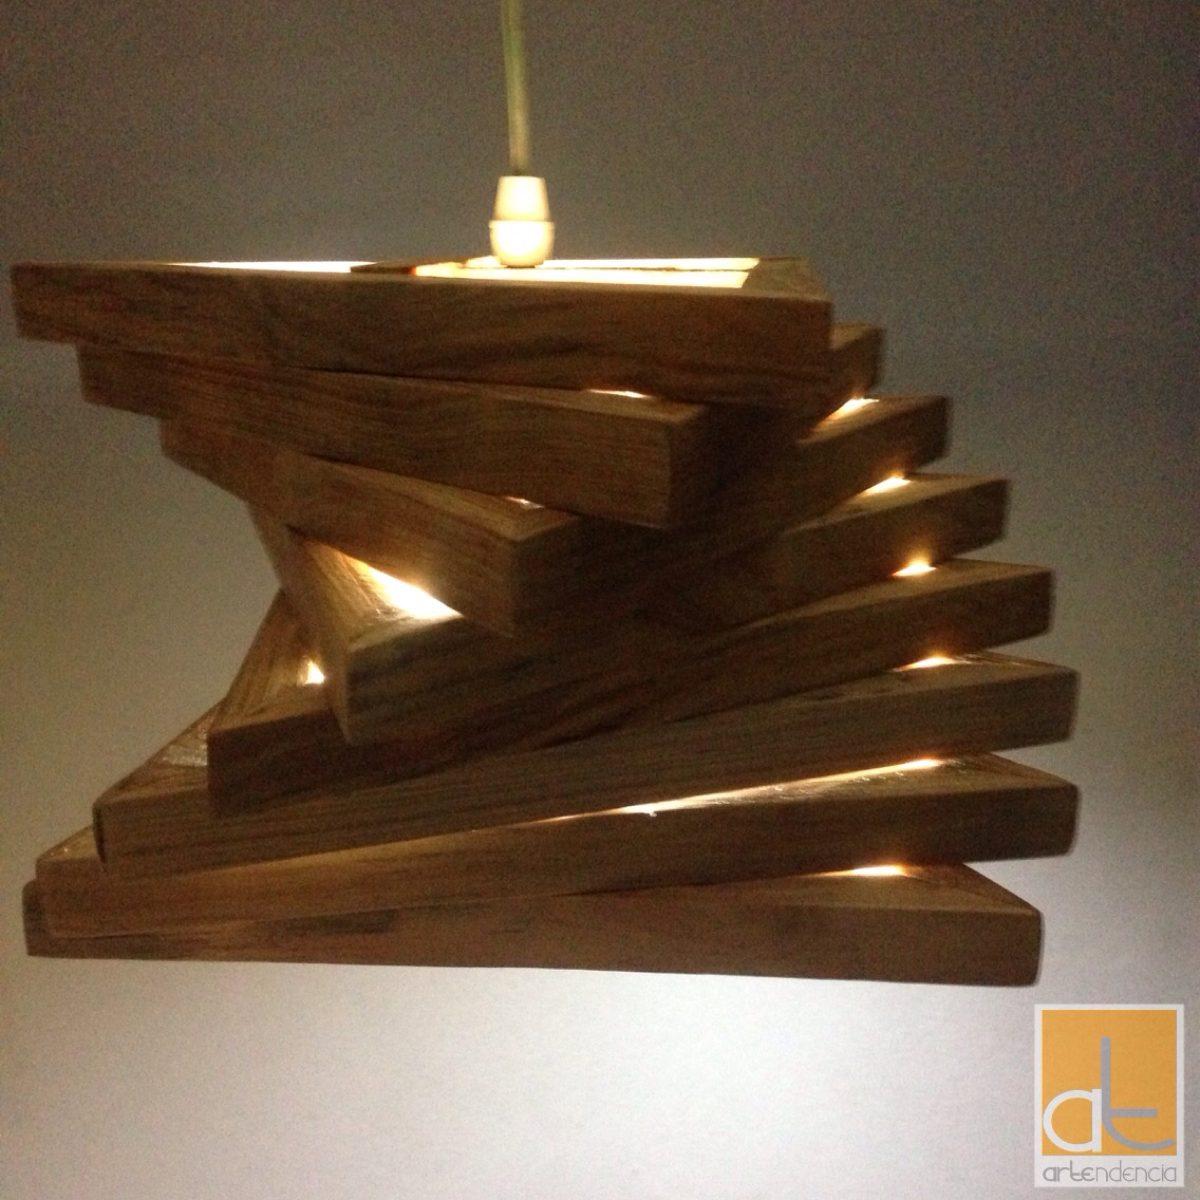 L mpara de madera de techo moderna artendencia helicoidal - Como decorar tulipas de lamparas ...